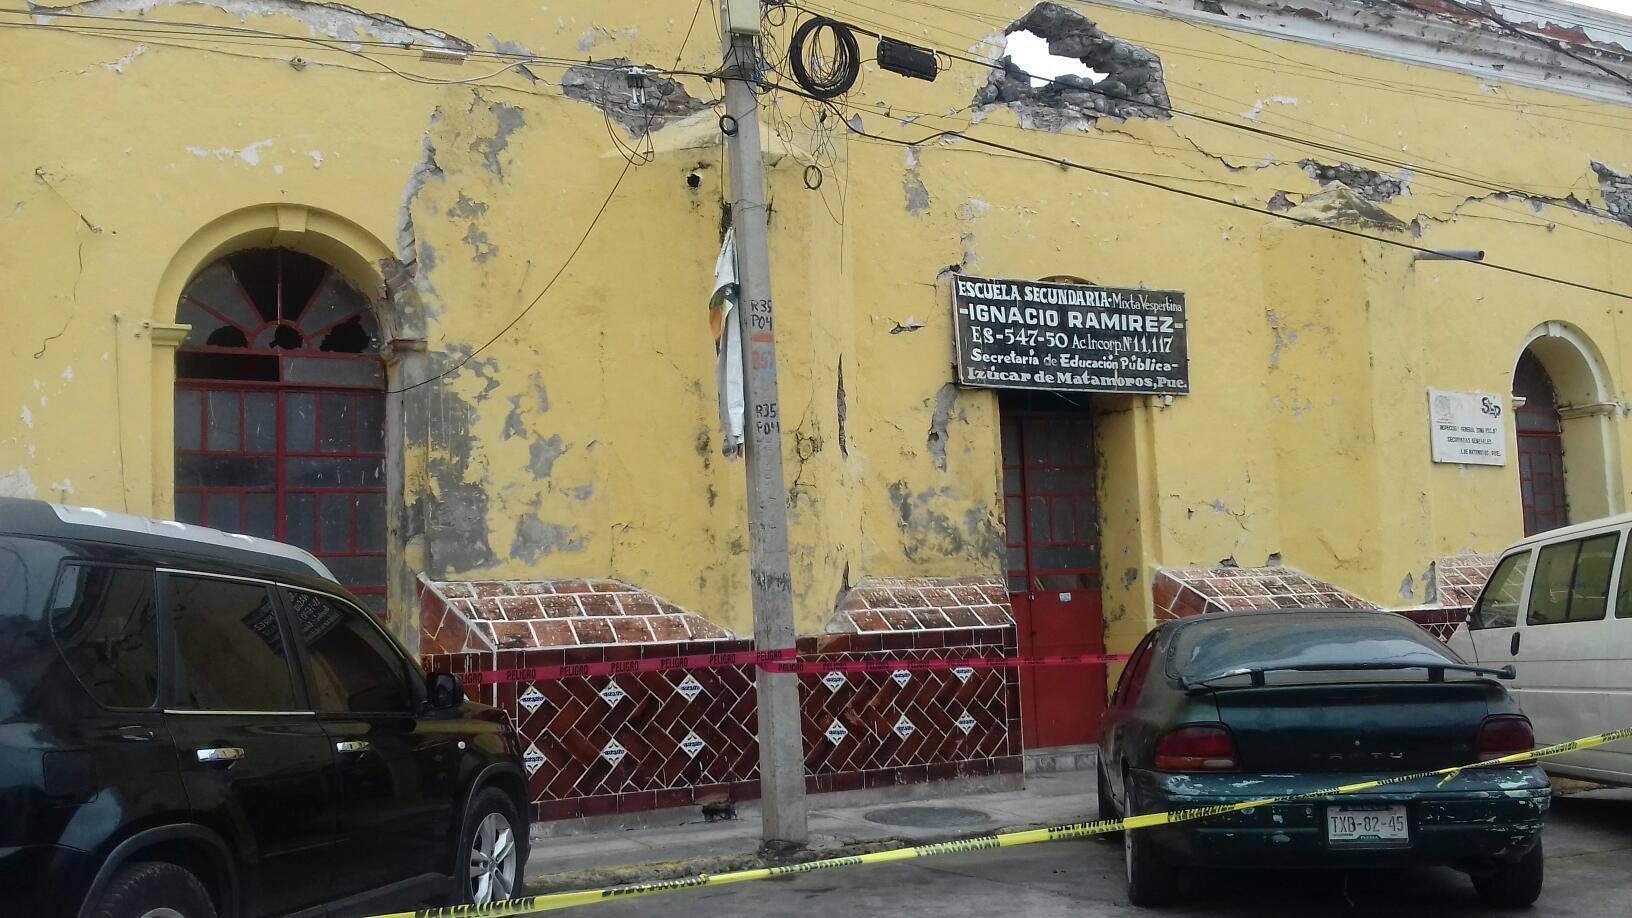 Descubren cadáver frente a escuela en Izúcar de Matamoros